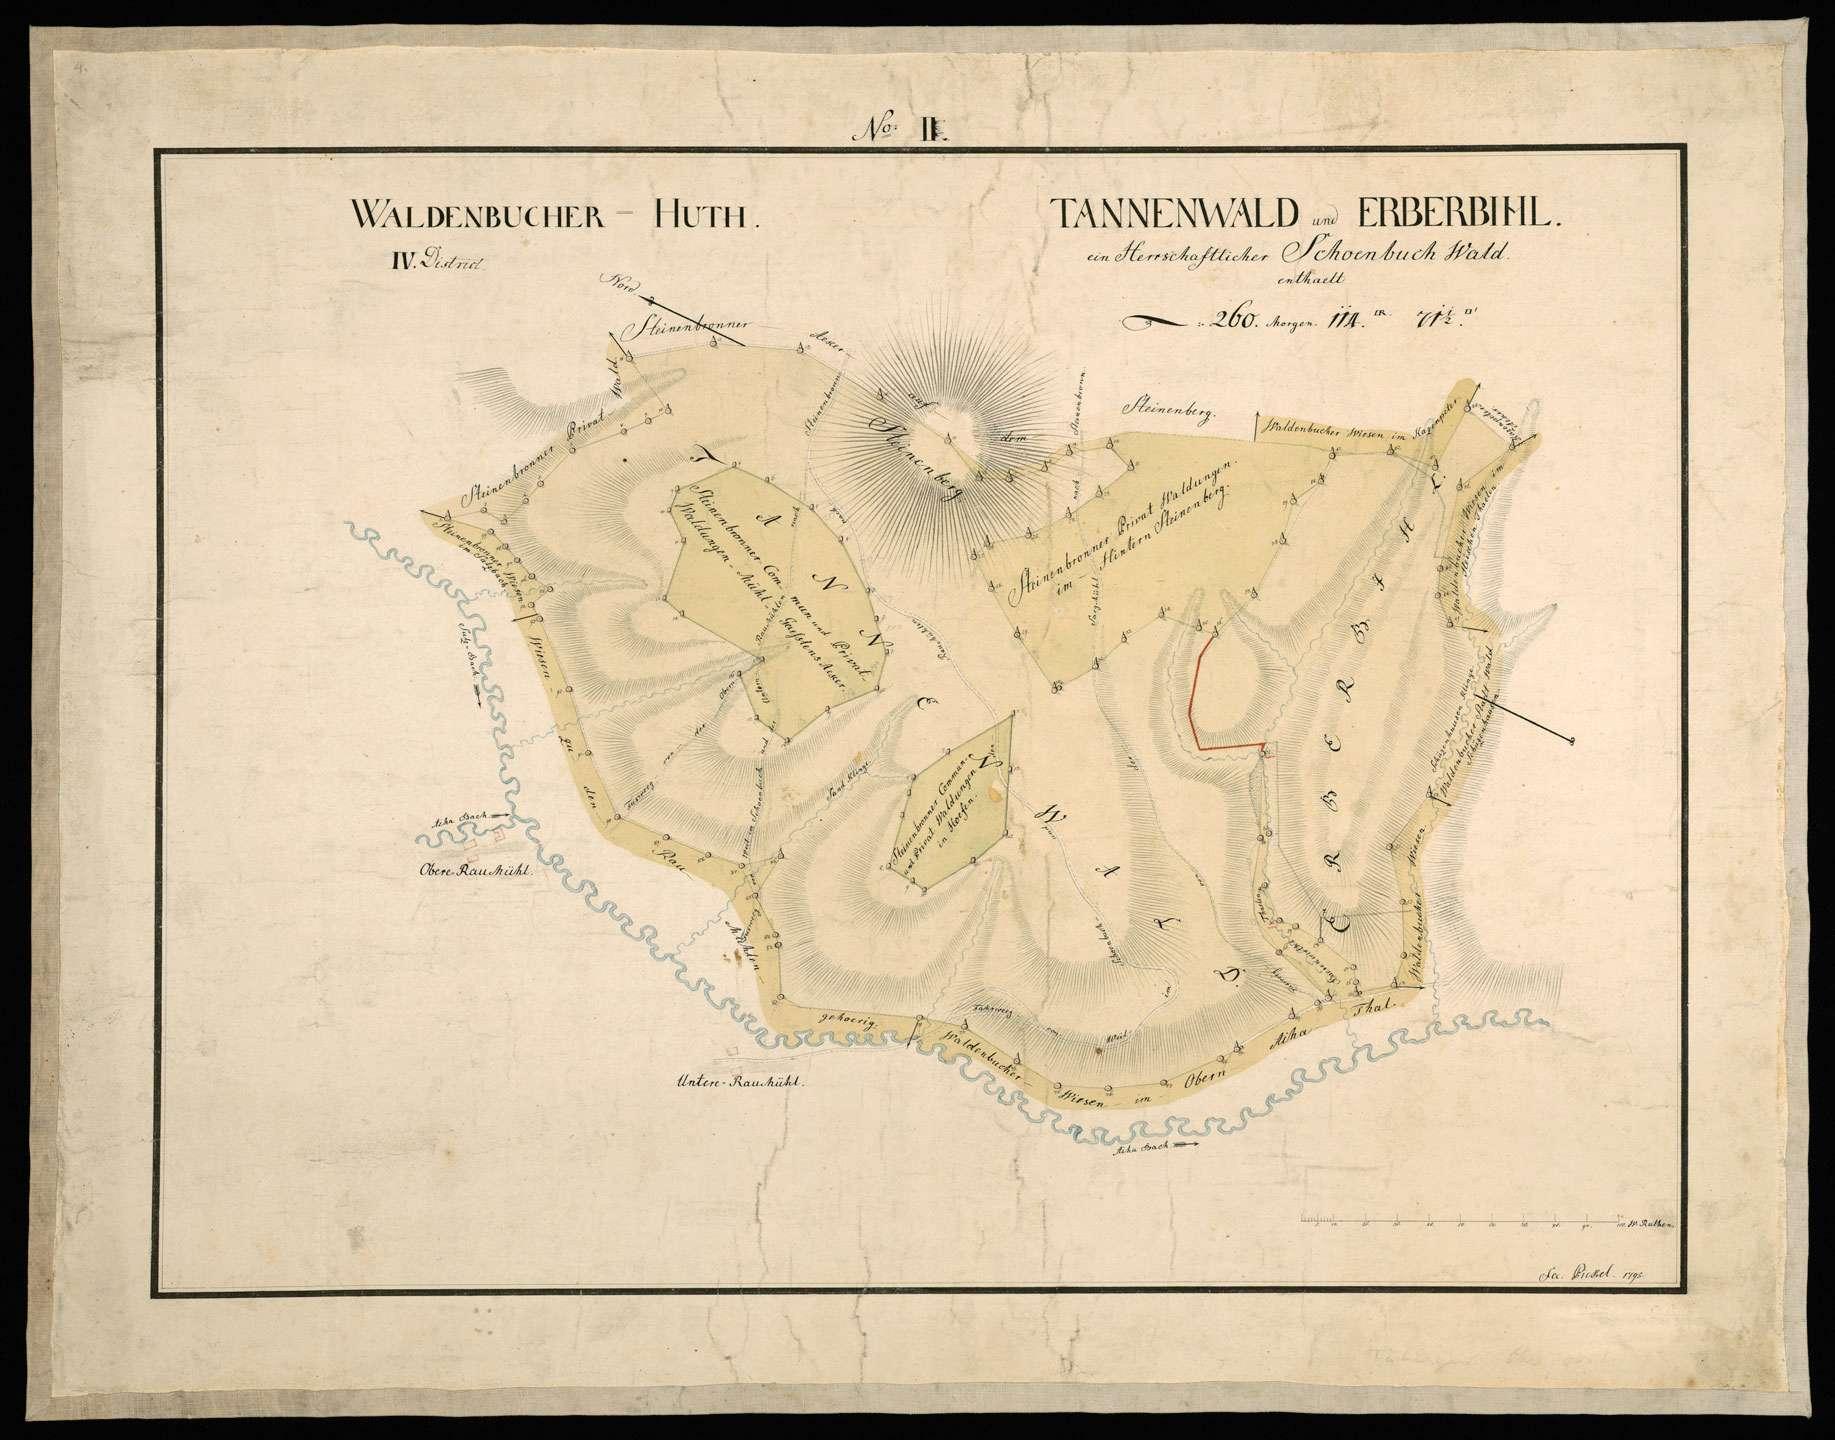 """[Tübinger Oberforst] """"Waldenbucher Hut, Distrikt: Tannenwald und Erberbihl, ein herrschaftlicher Schönbuchwald"""", Bild 1"""